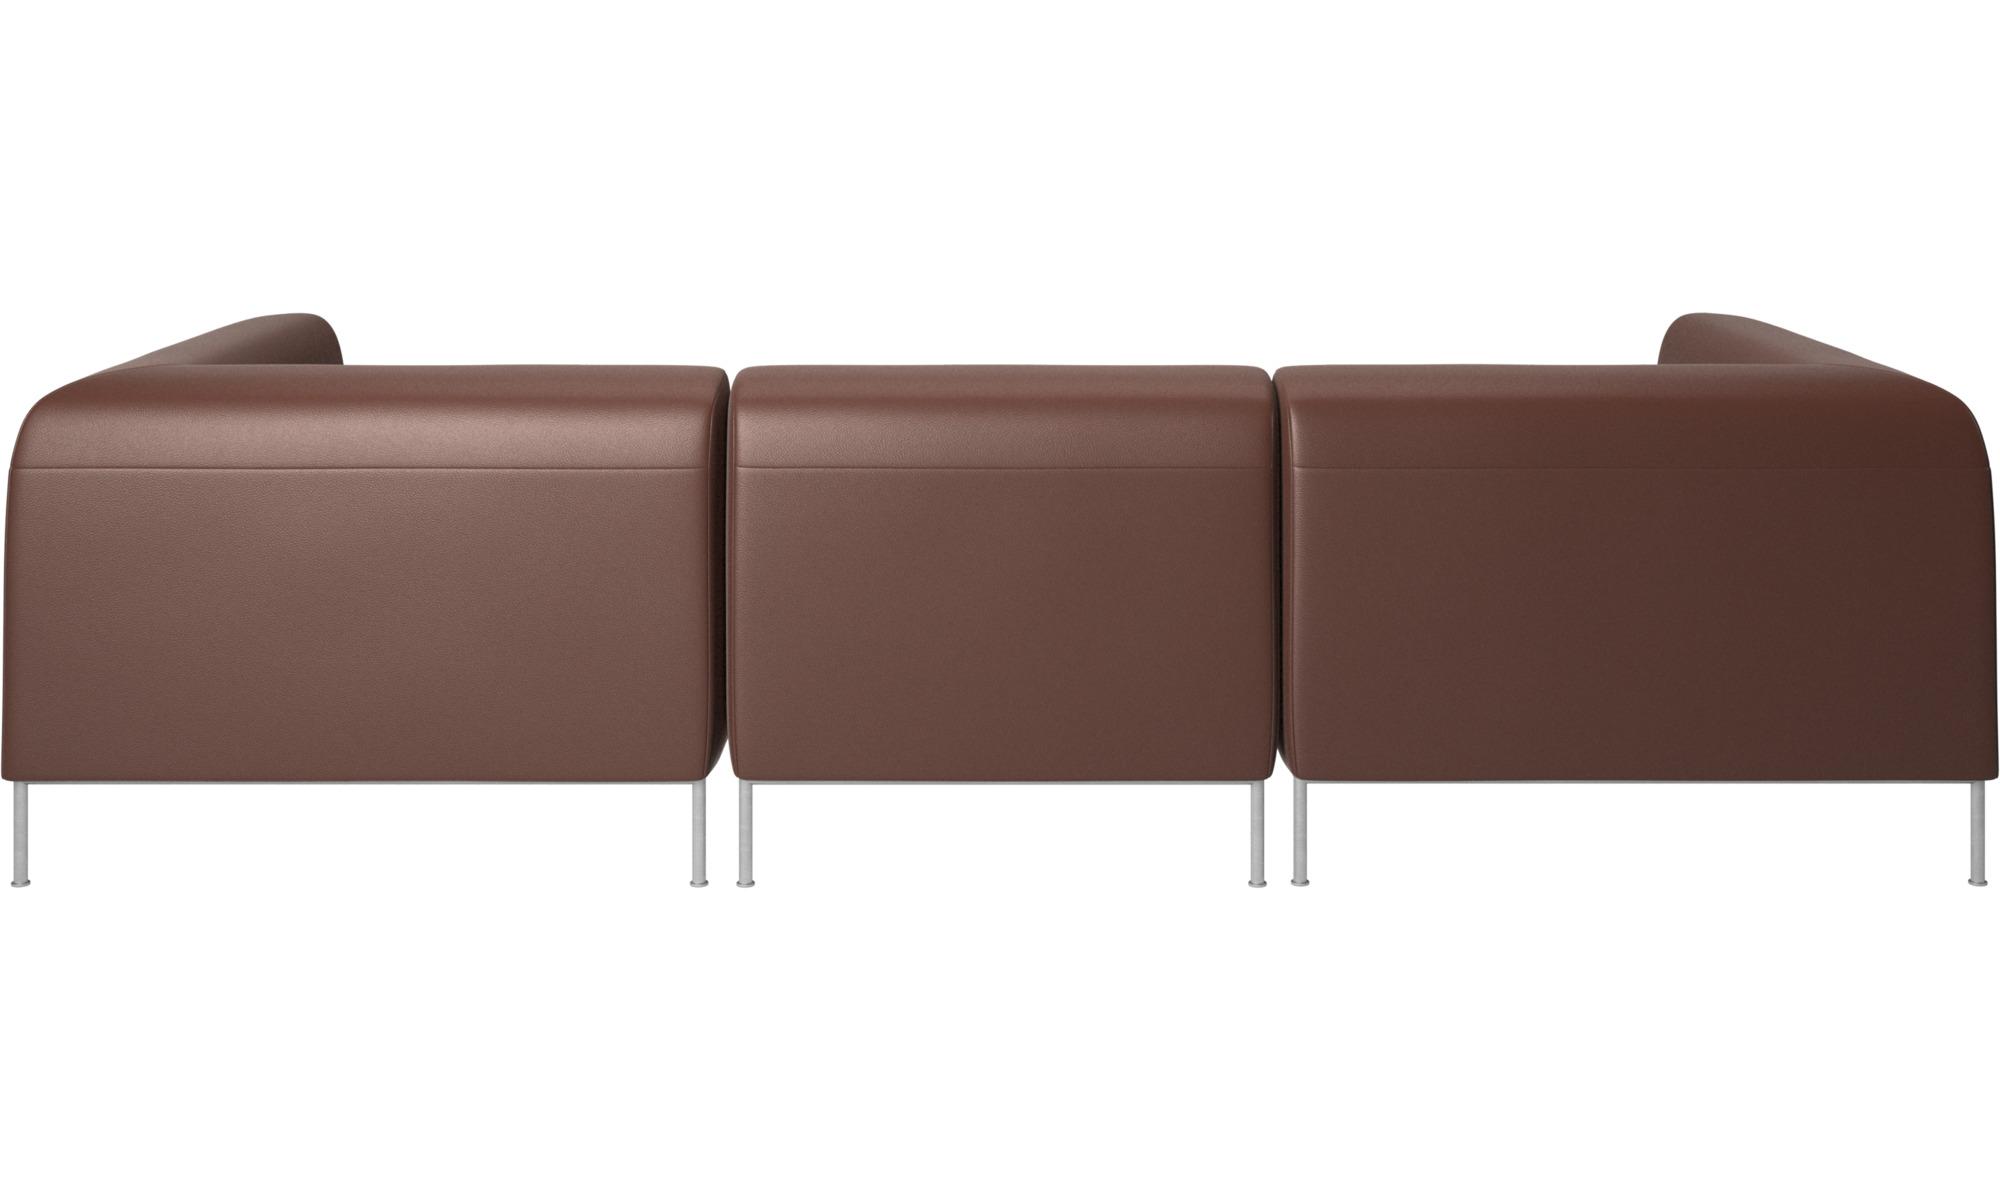 Modular Sofas Miami Sofa Brown Leather